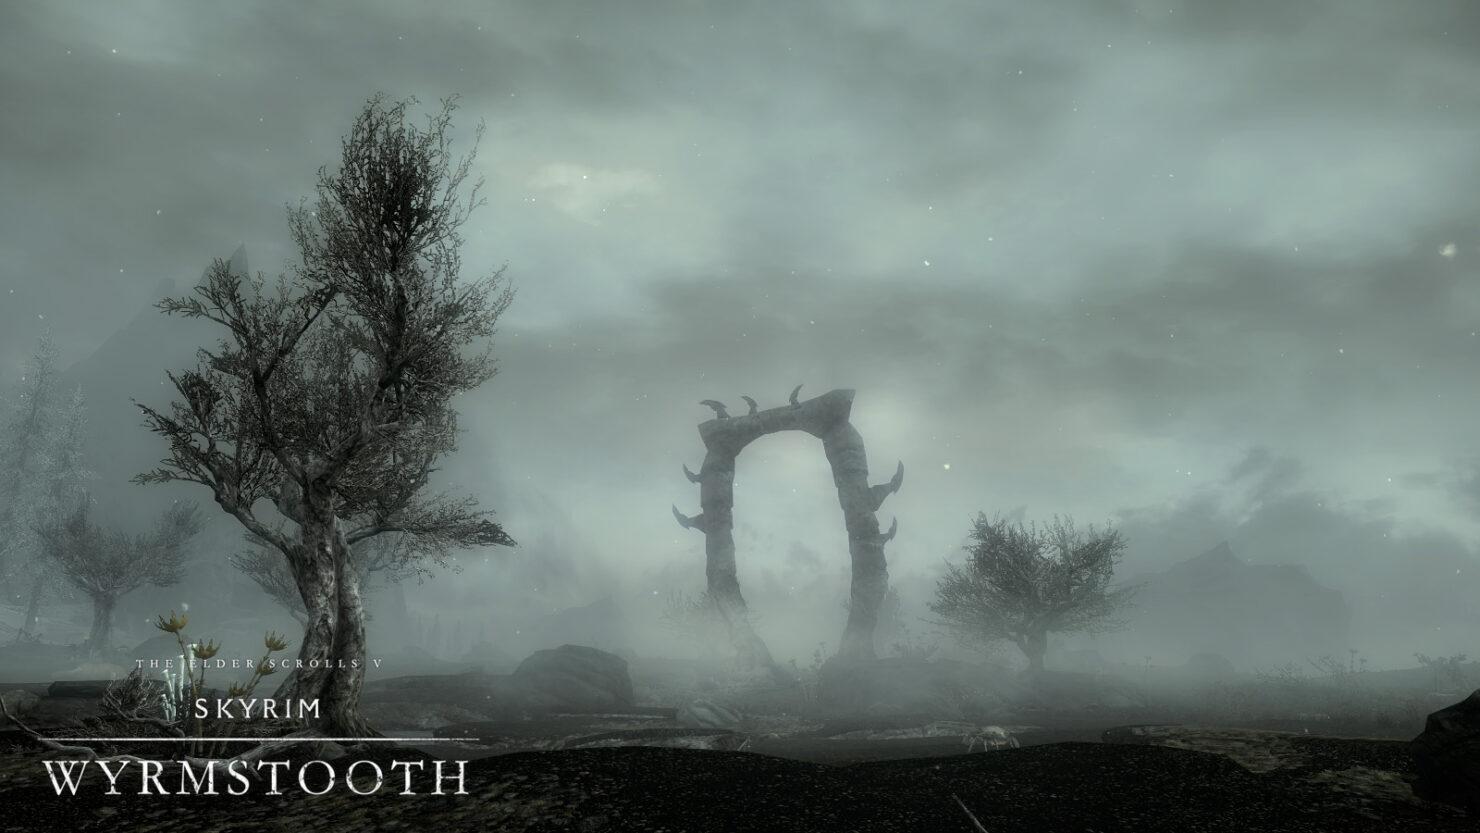 the-elder-scrolls-v-skyrim-wyrmstooth-mod-2